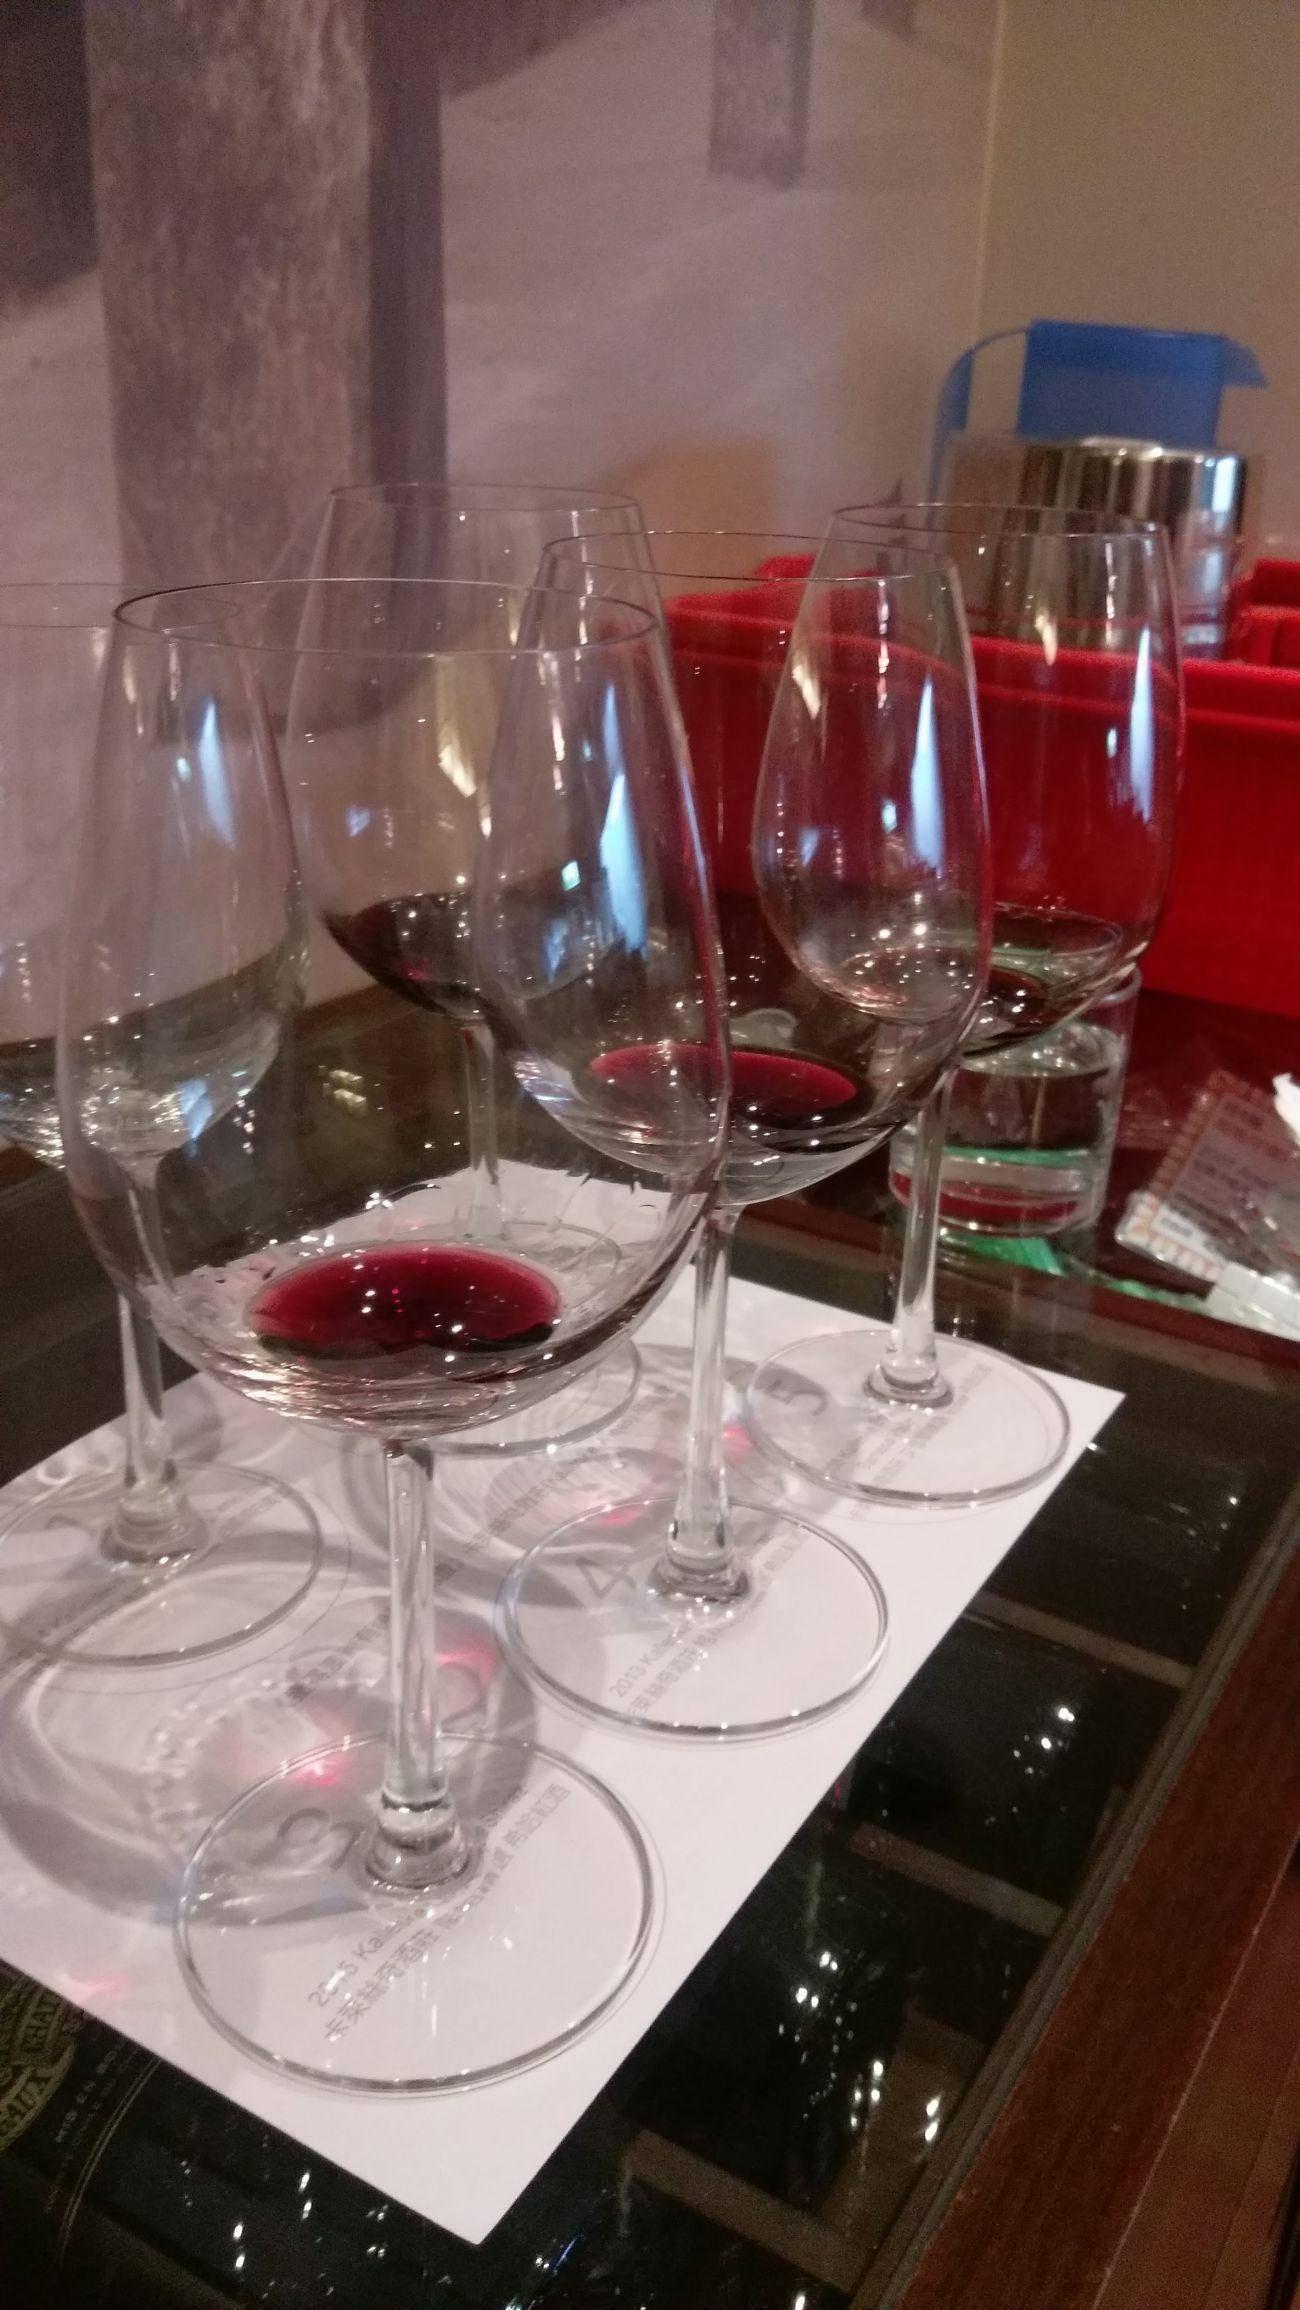 品酩Kalleske紅白葡萄酒